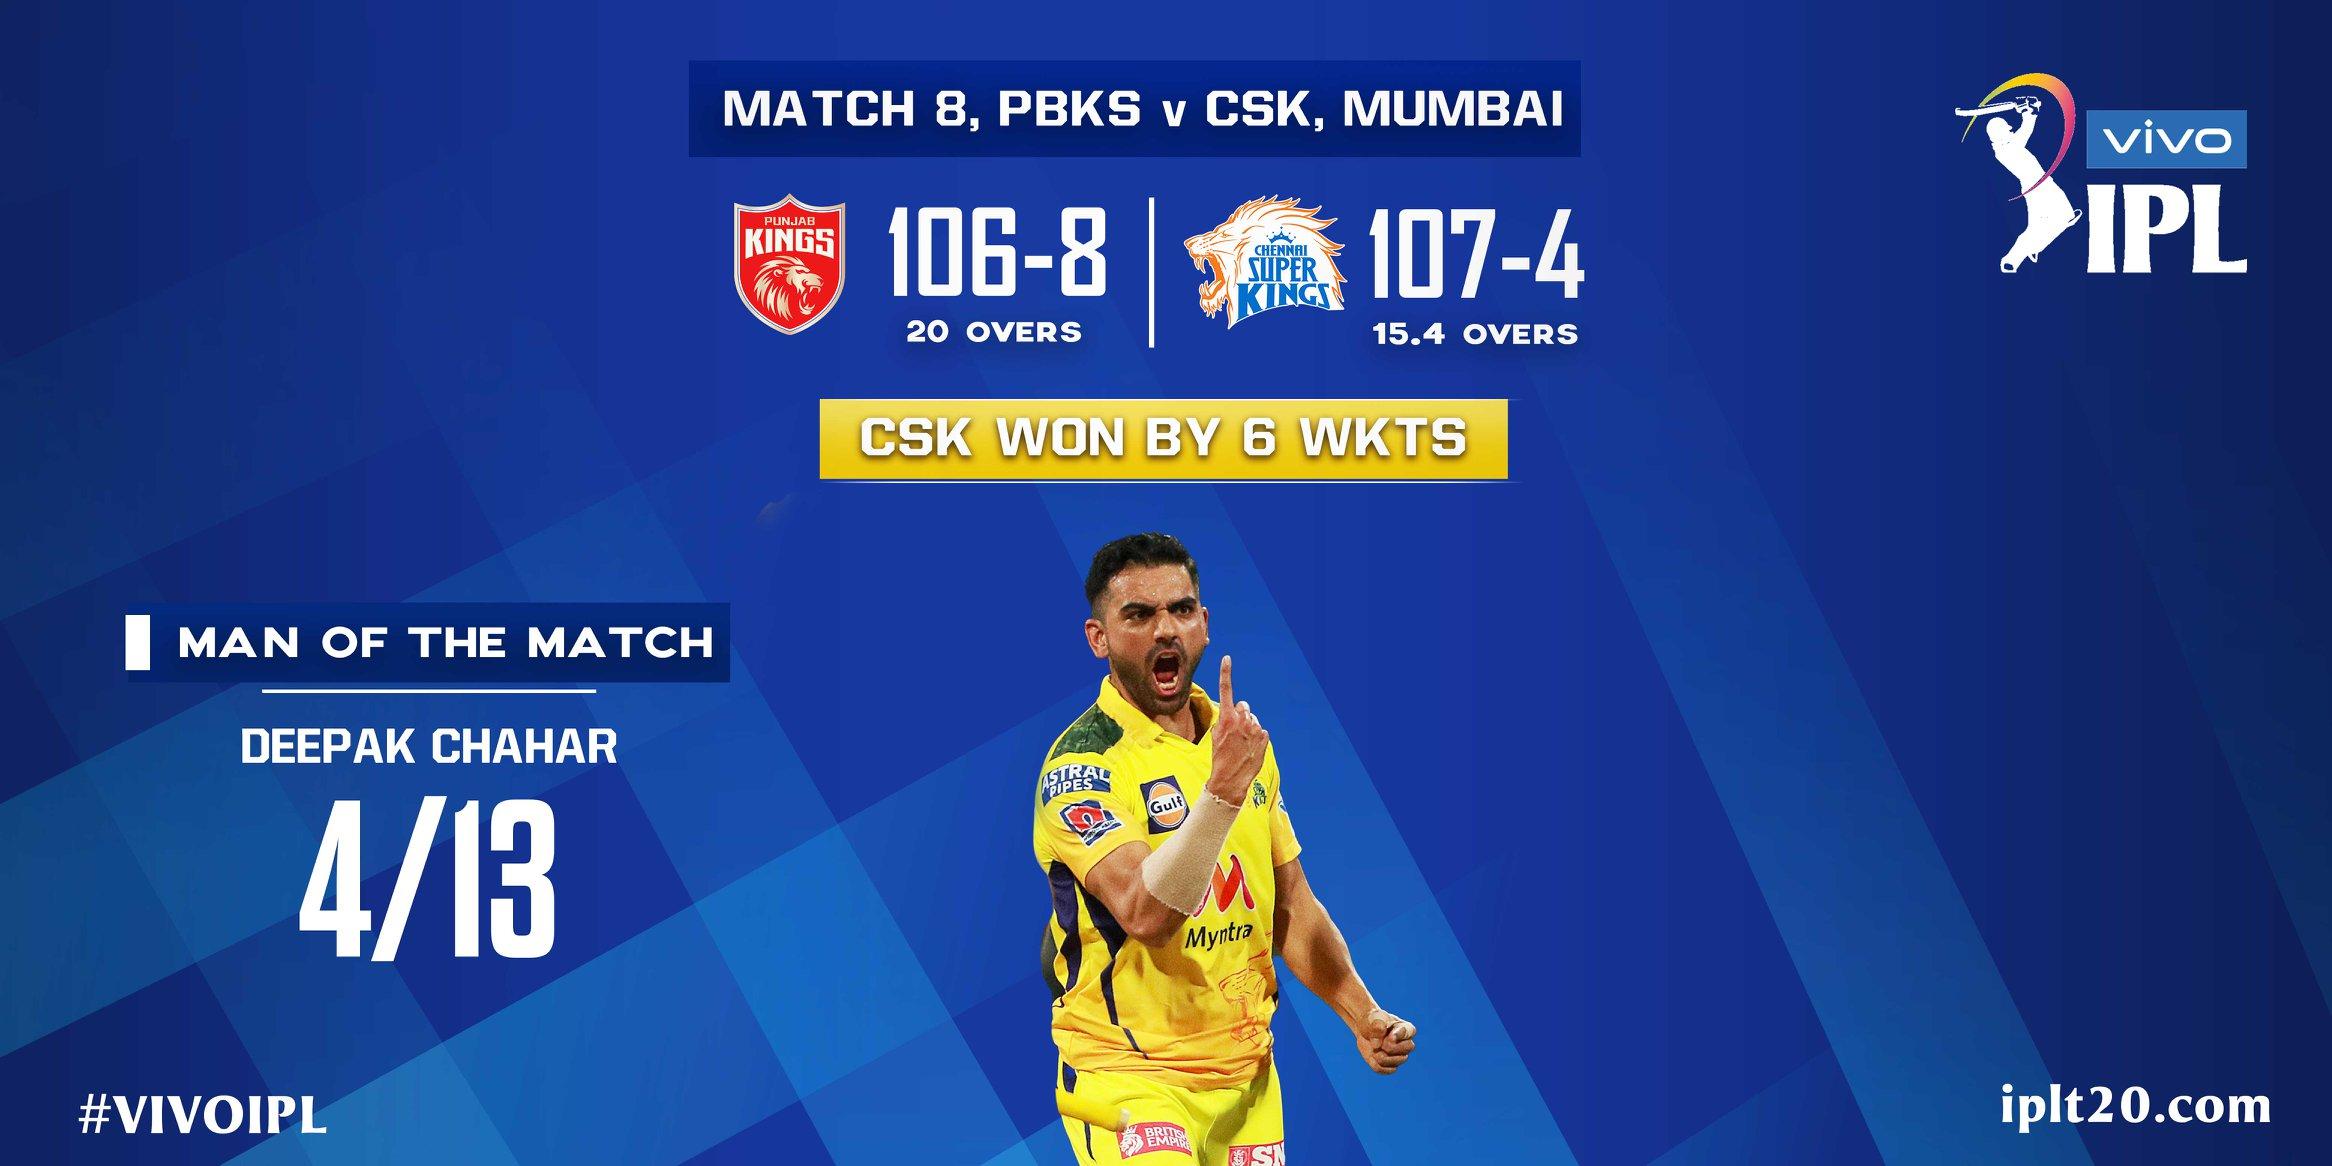 🏏 IPL 2021 পাঞ্জাবের বিপক্ষে ৬ উইকেটের বড় ব্যবধানে জয় চেন্নাইয়ের